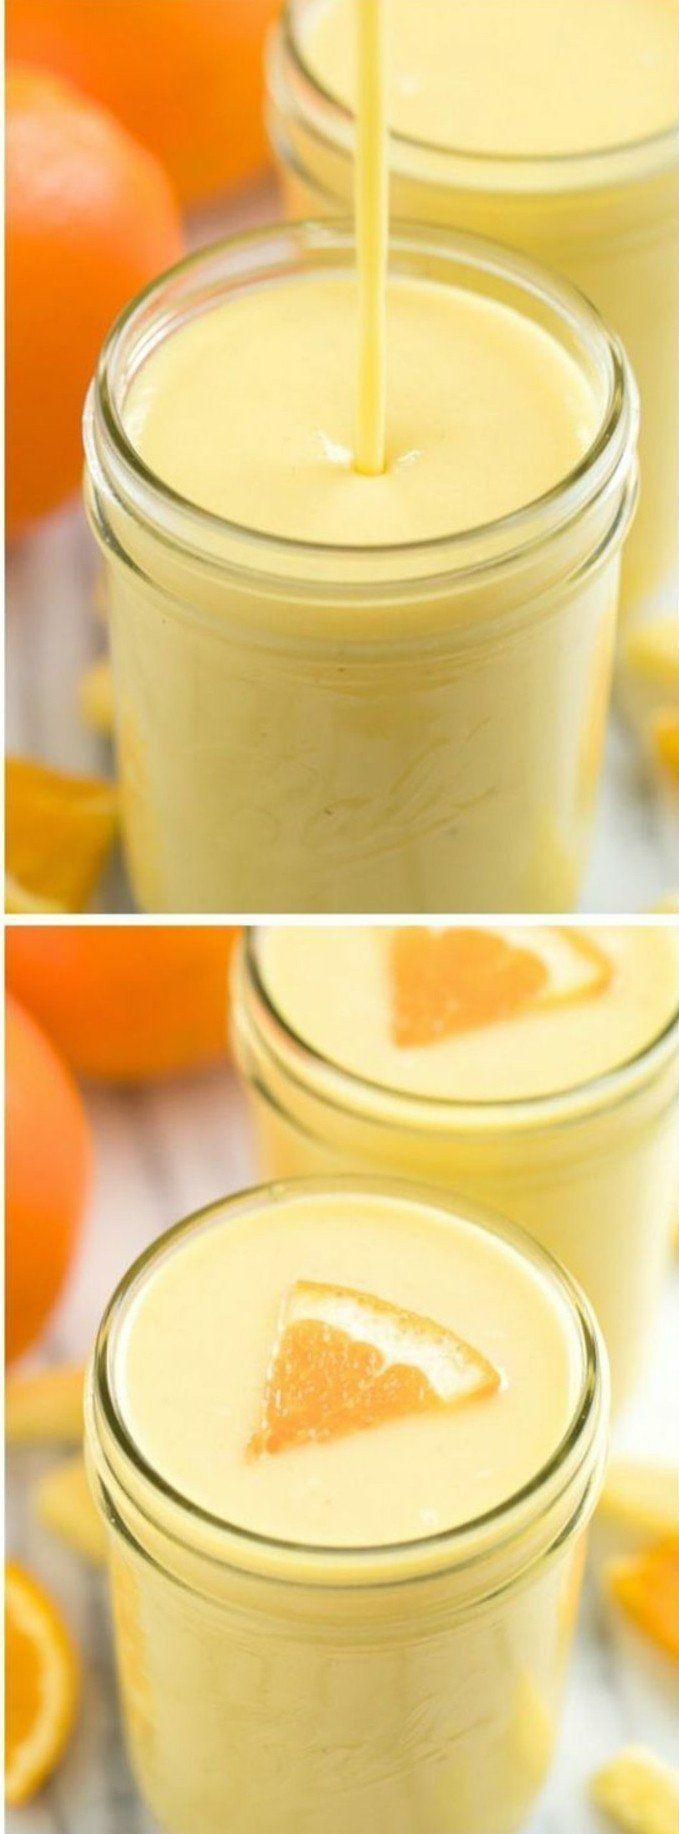 une recette de smoothie très rafraîchissant et simple à réaliser, smoothie aux oranges et à l ananas